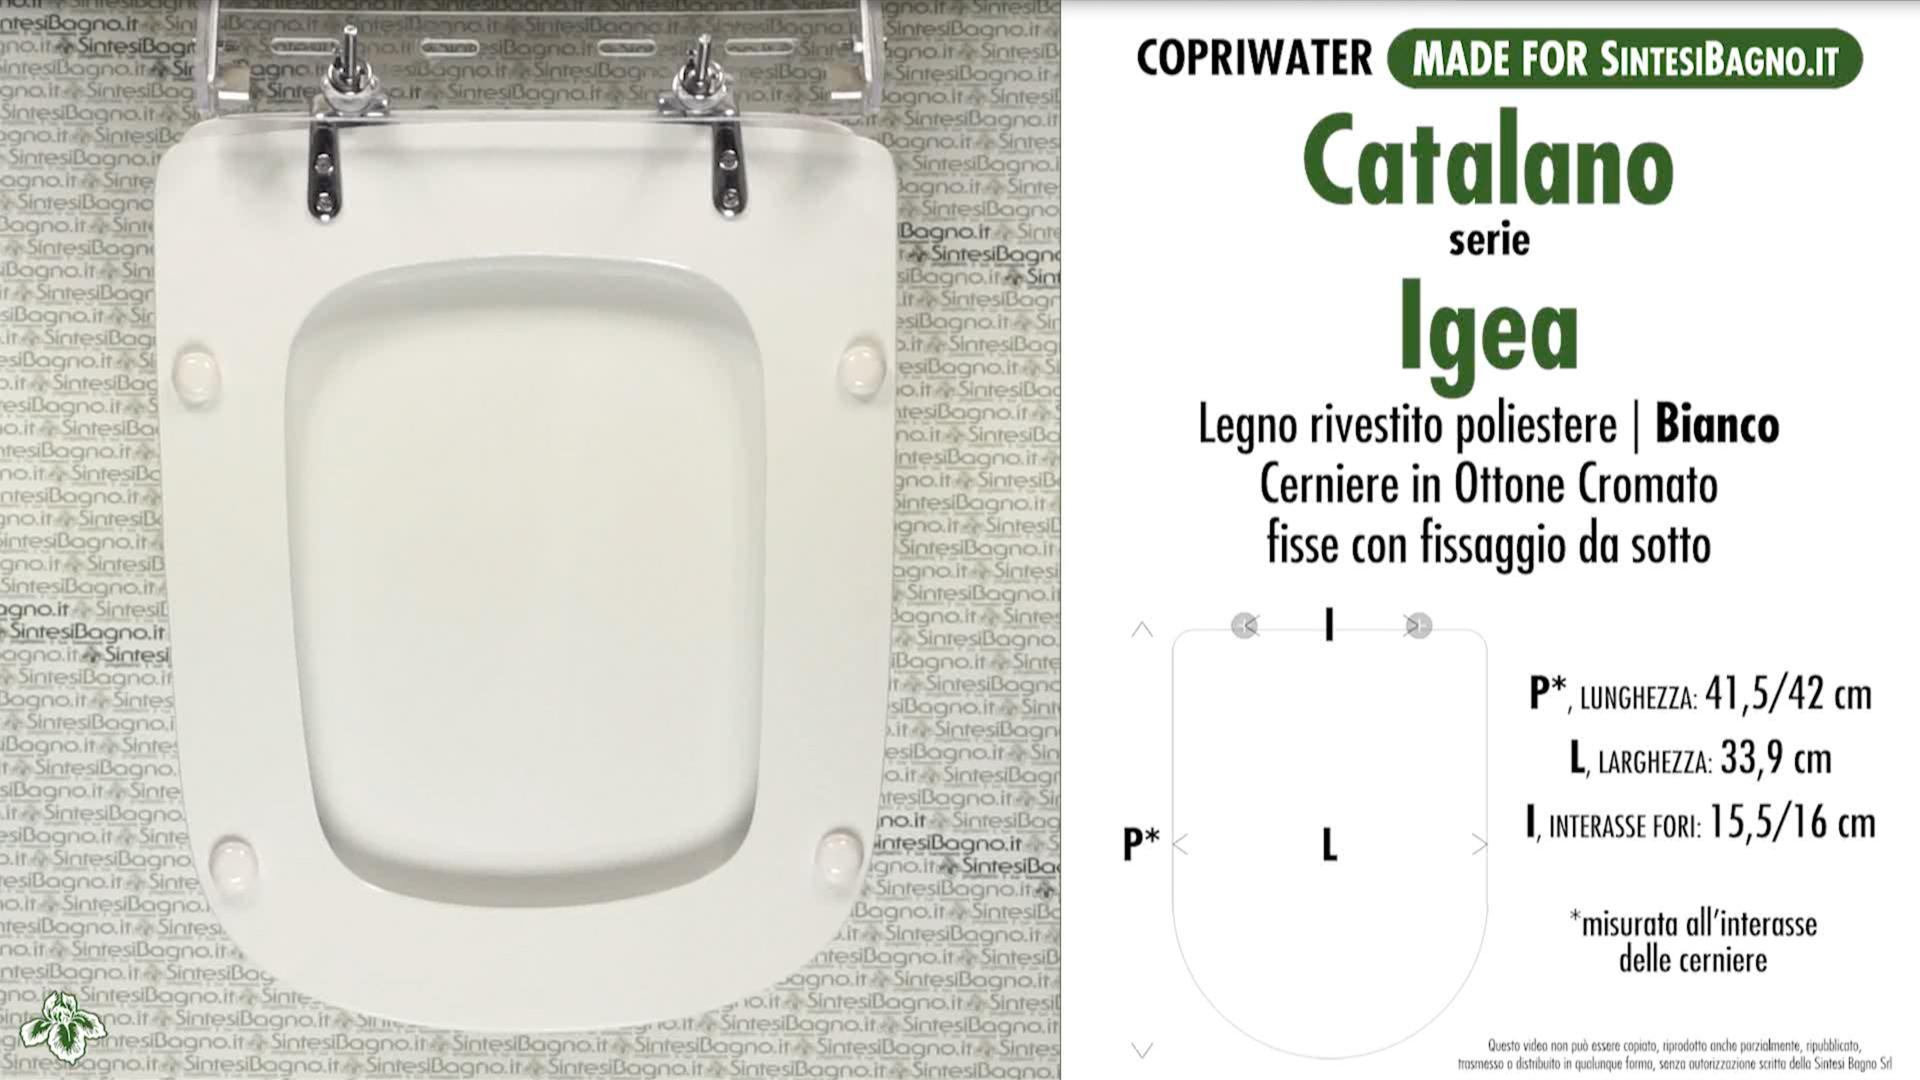 SCHEDA TECNICA MISURE copriwater CATALANO IGEA